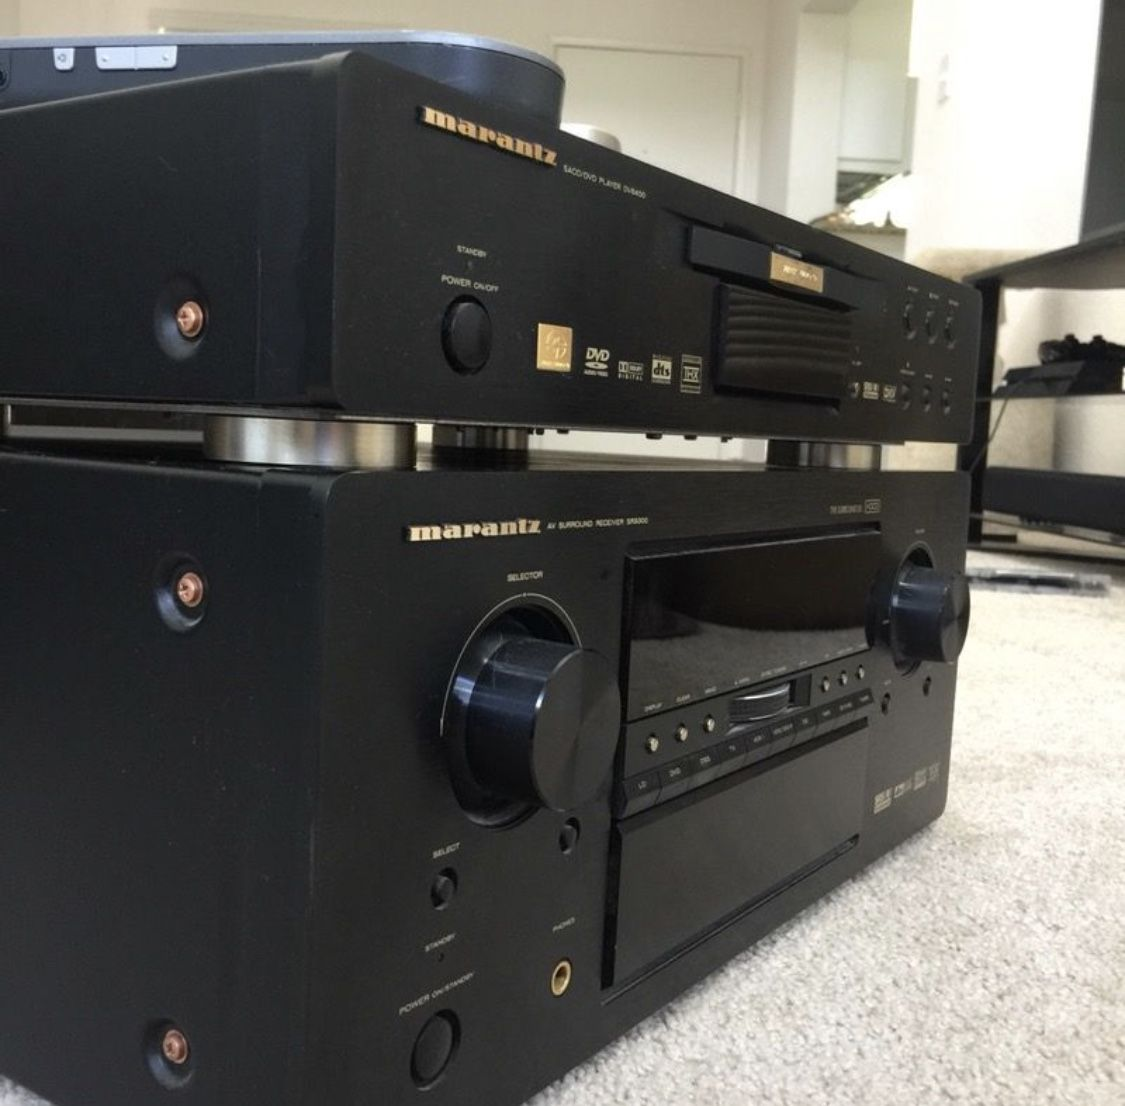 Marantz Surround Sound System - Receiver With Remote